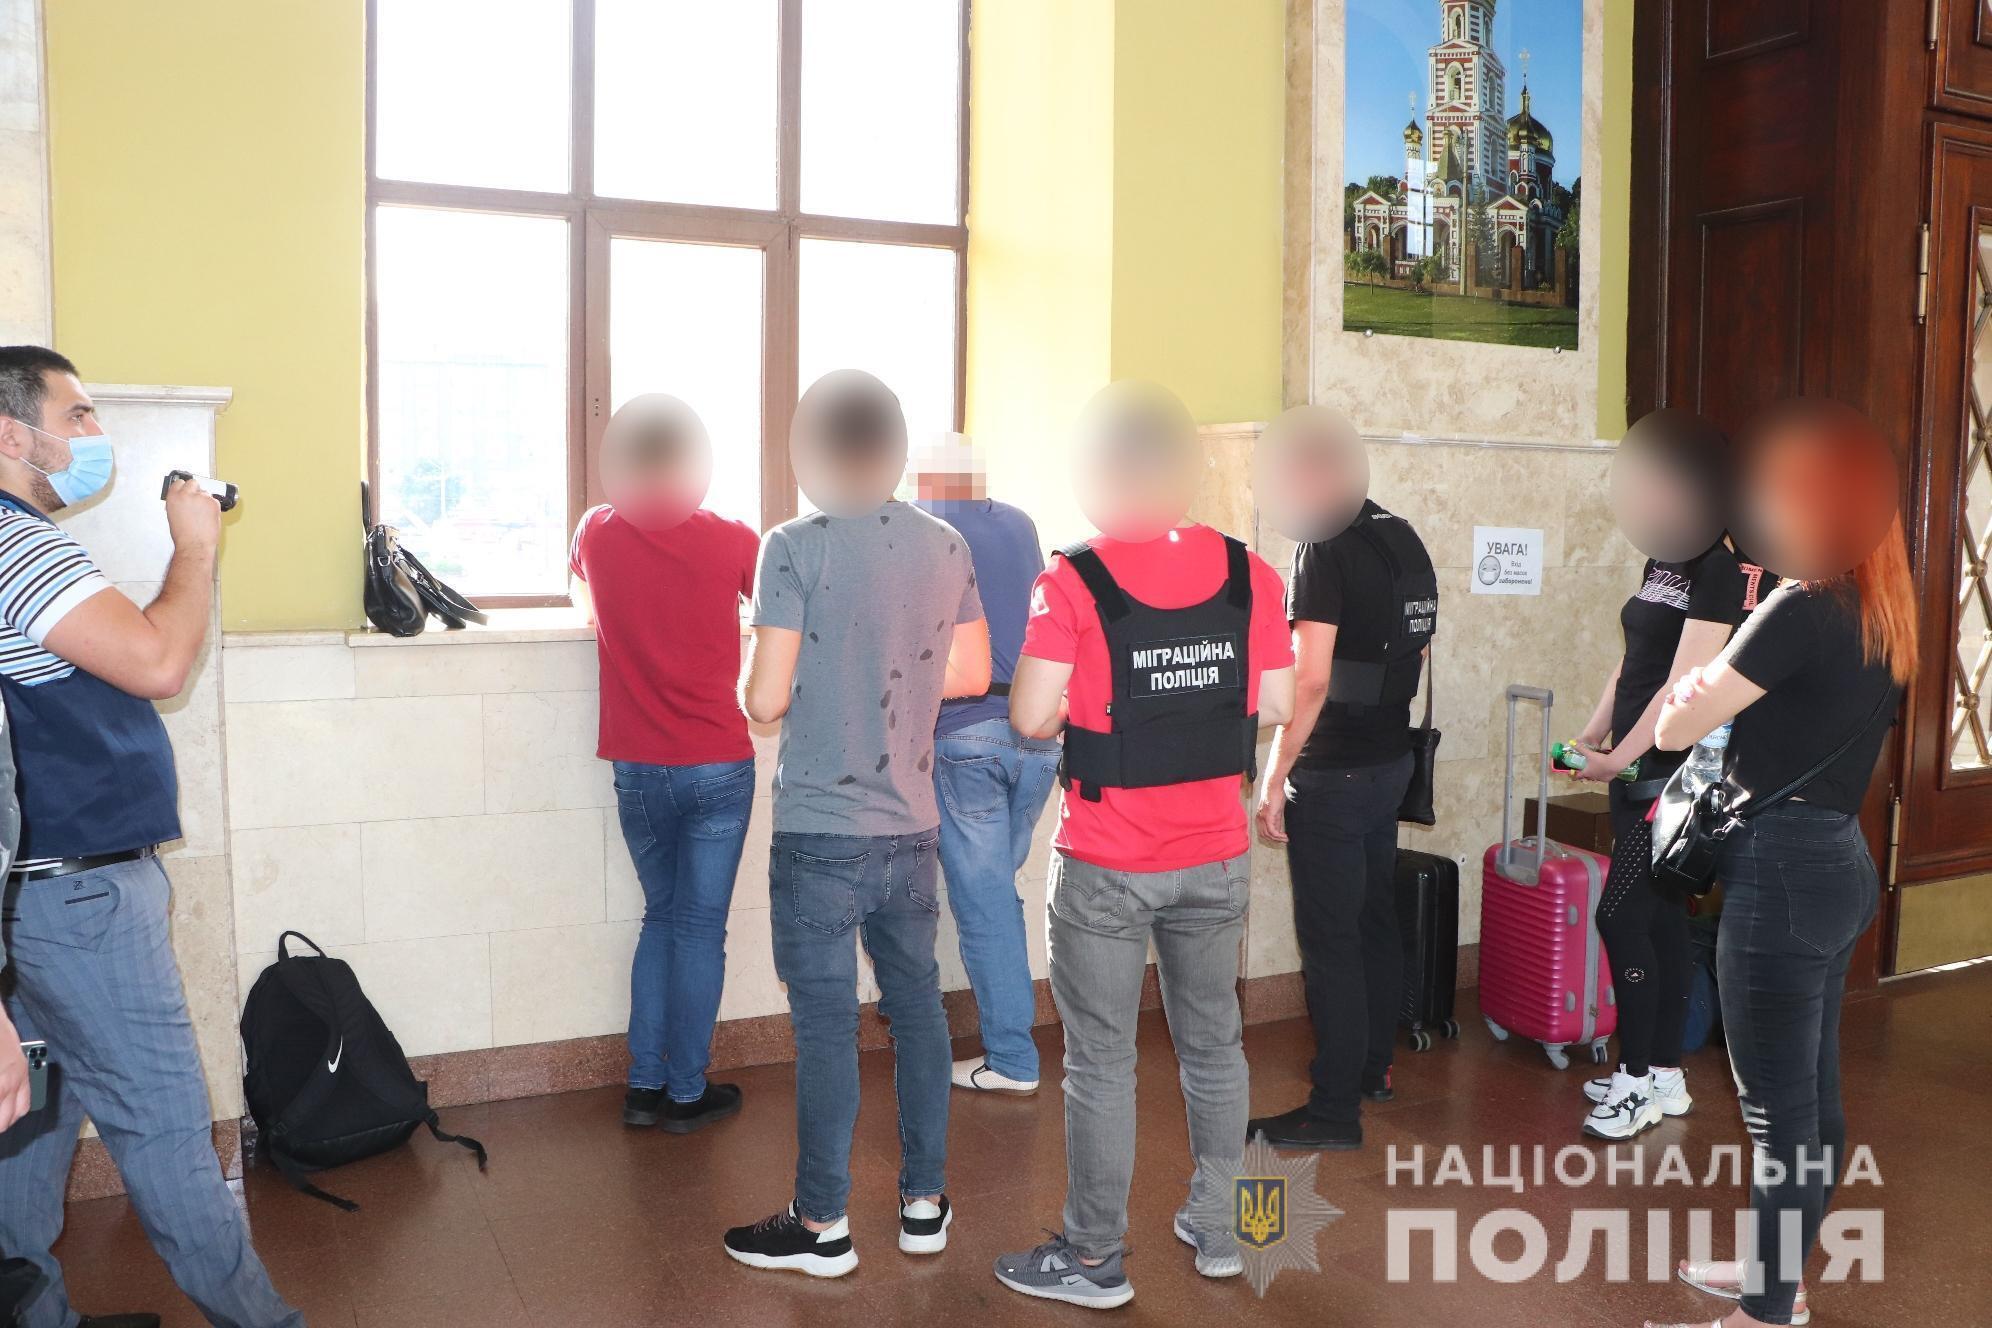 """Підозрюваного затримали на території вокзалу """"Харків-Пасажирський"""""""